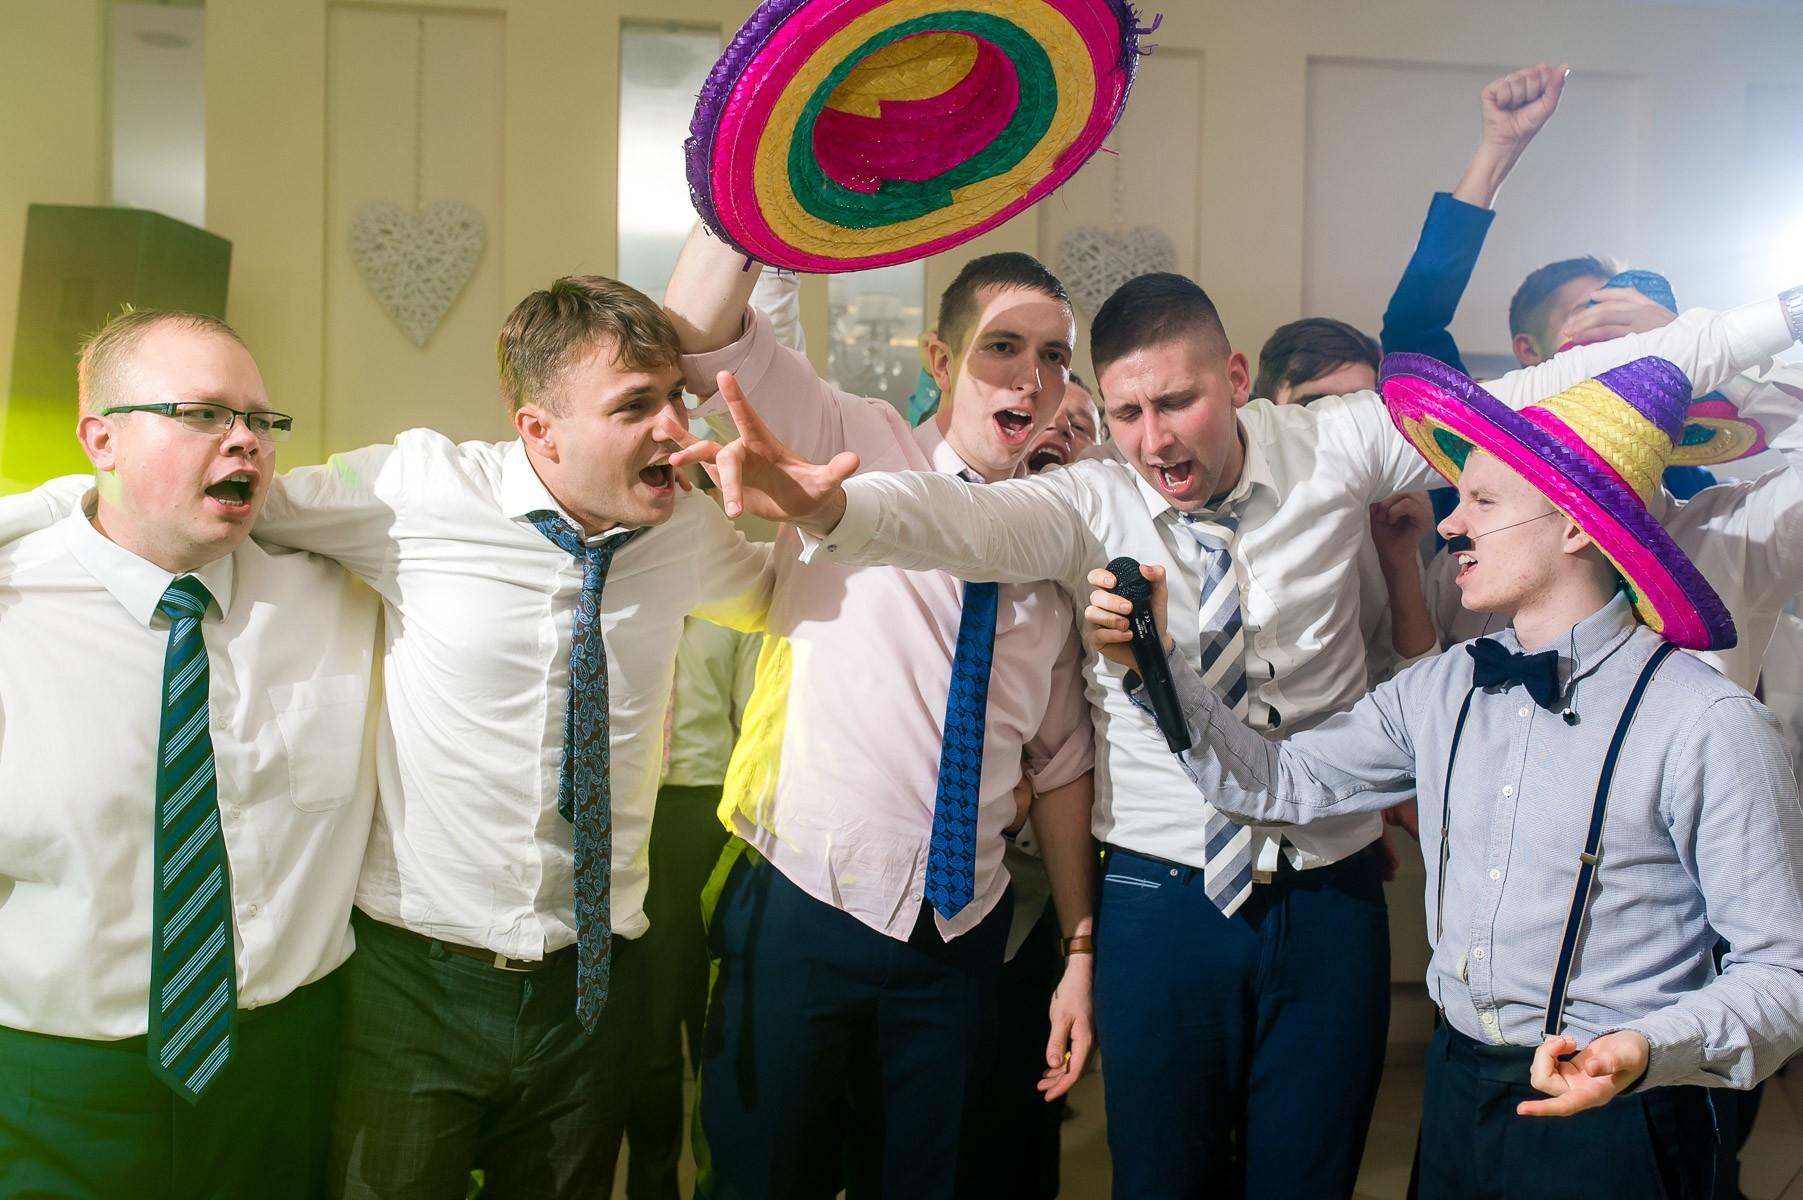 sala na skarpie fotograf slubny slask malopolska adam pietrusiak plener slubny w gorach jw wedding 170